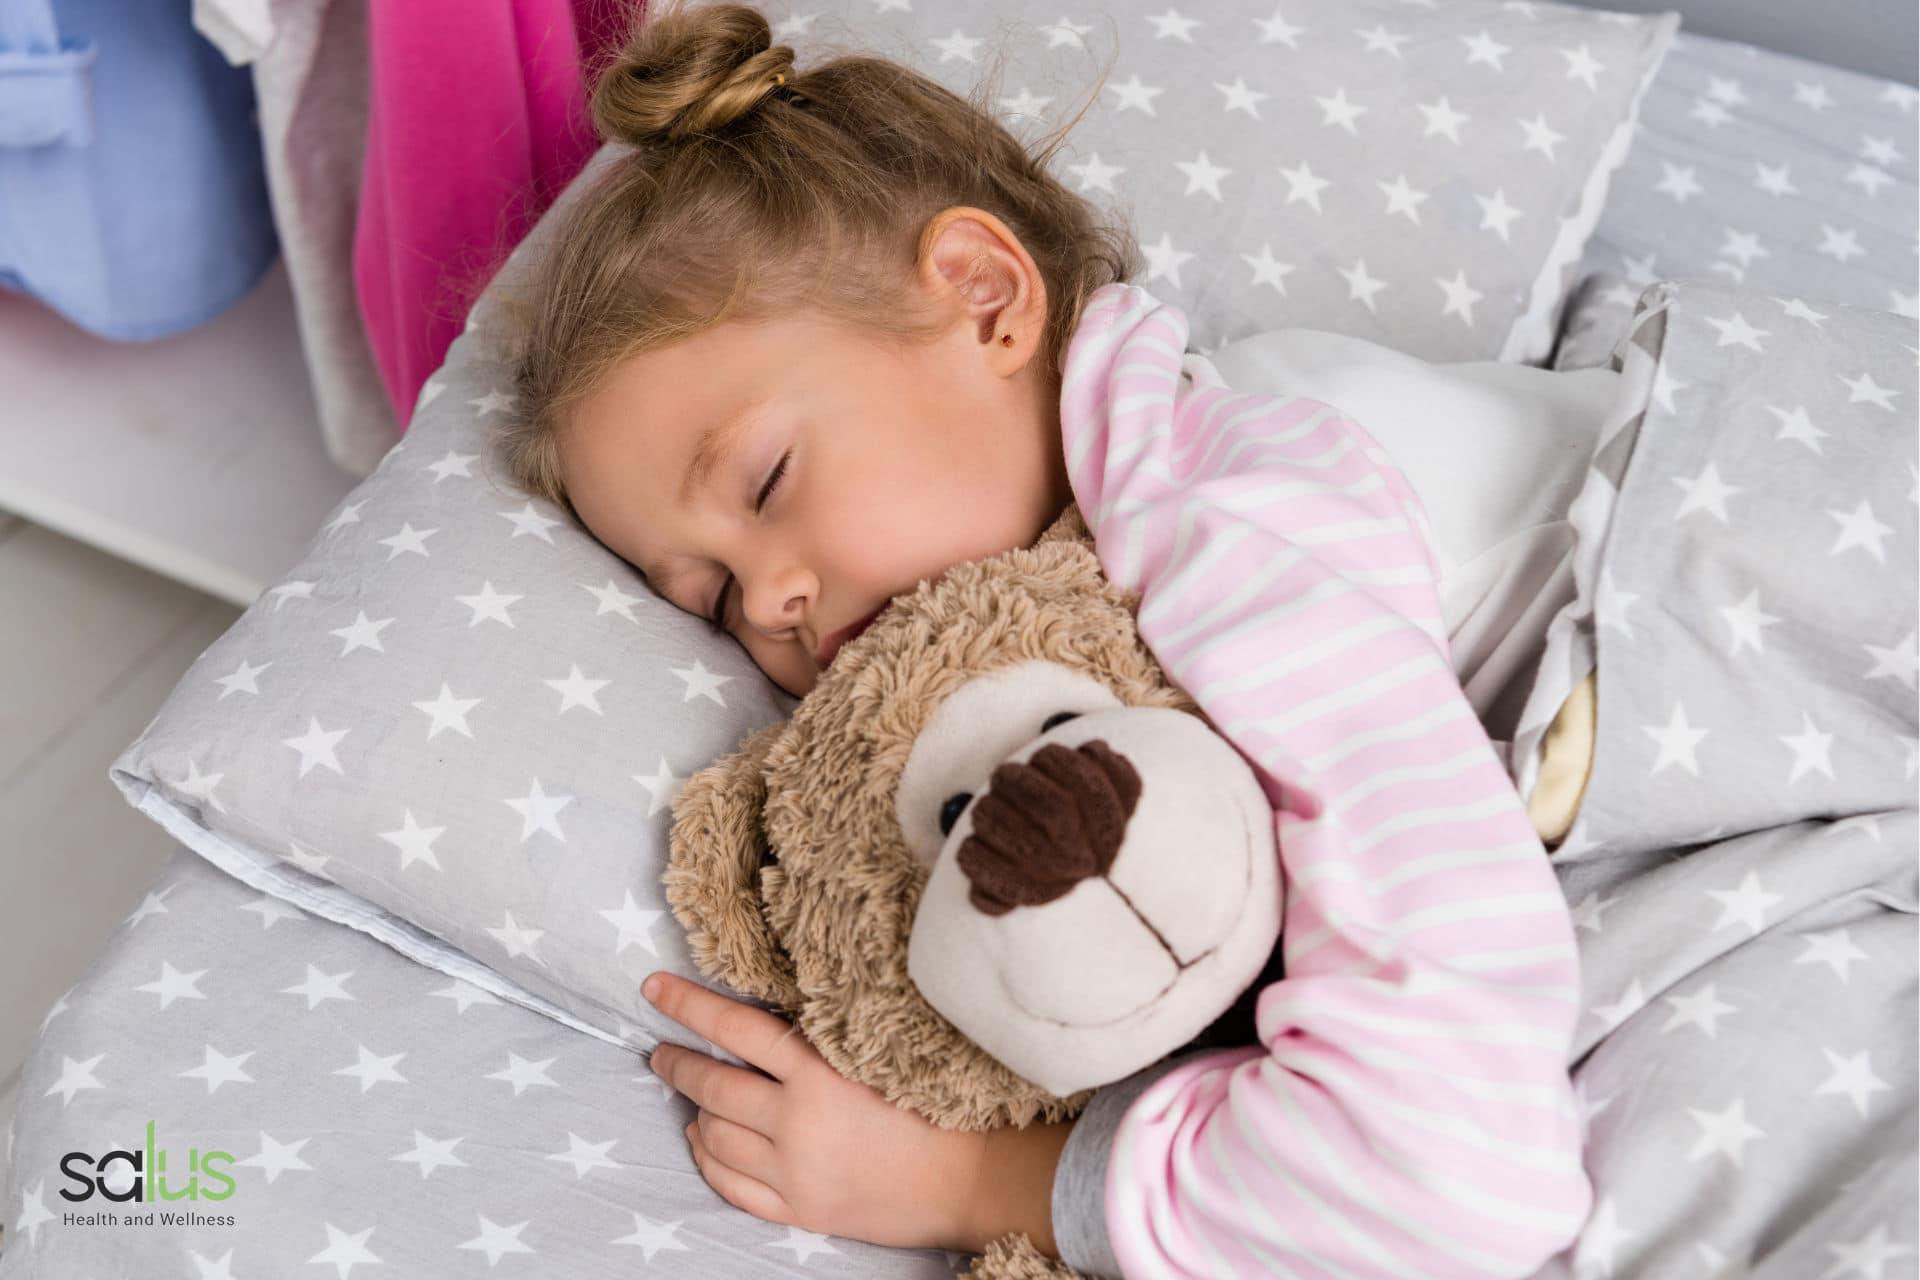 salus-blog-saturazione-ossigeno-nei-bambini